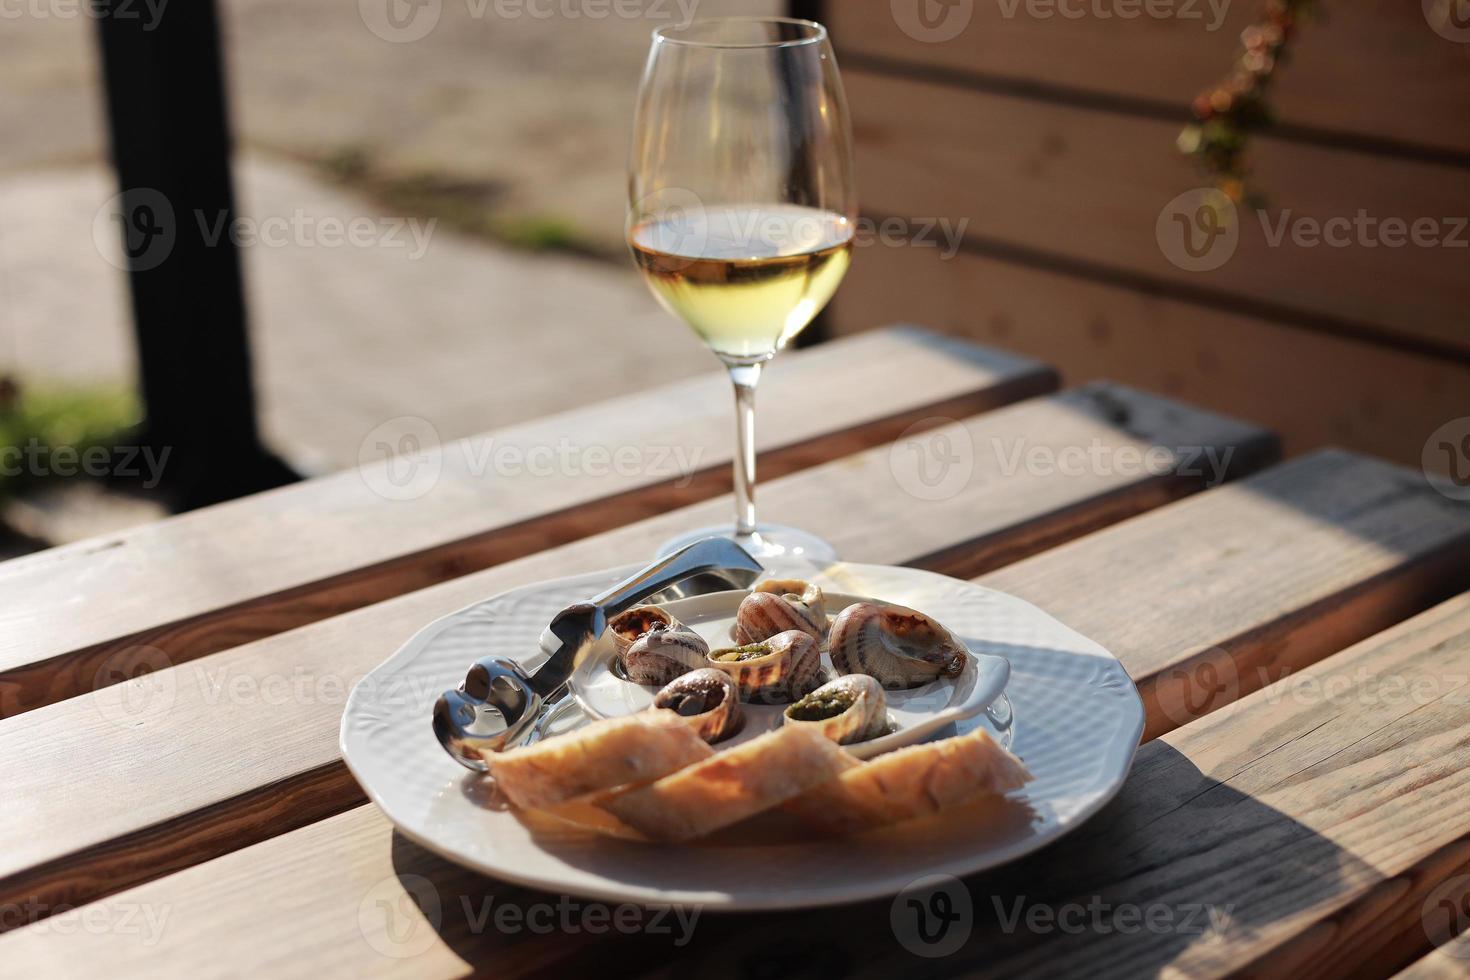 verre avec du vin et plat avec les coquilles d'escargot, servi sur une assiette classique blanche, avec diverses sauces, pesto, truffe, fromage, morceaux de baguette française, fourchette pour une coquille, table en bois dans un café en plein air photo